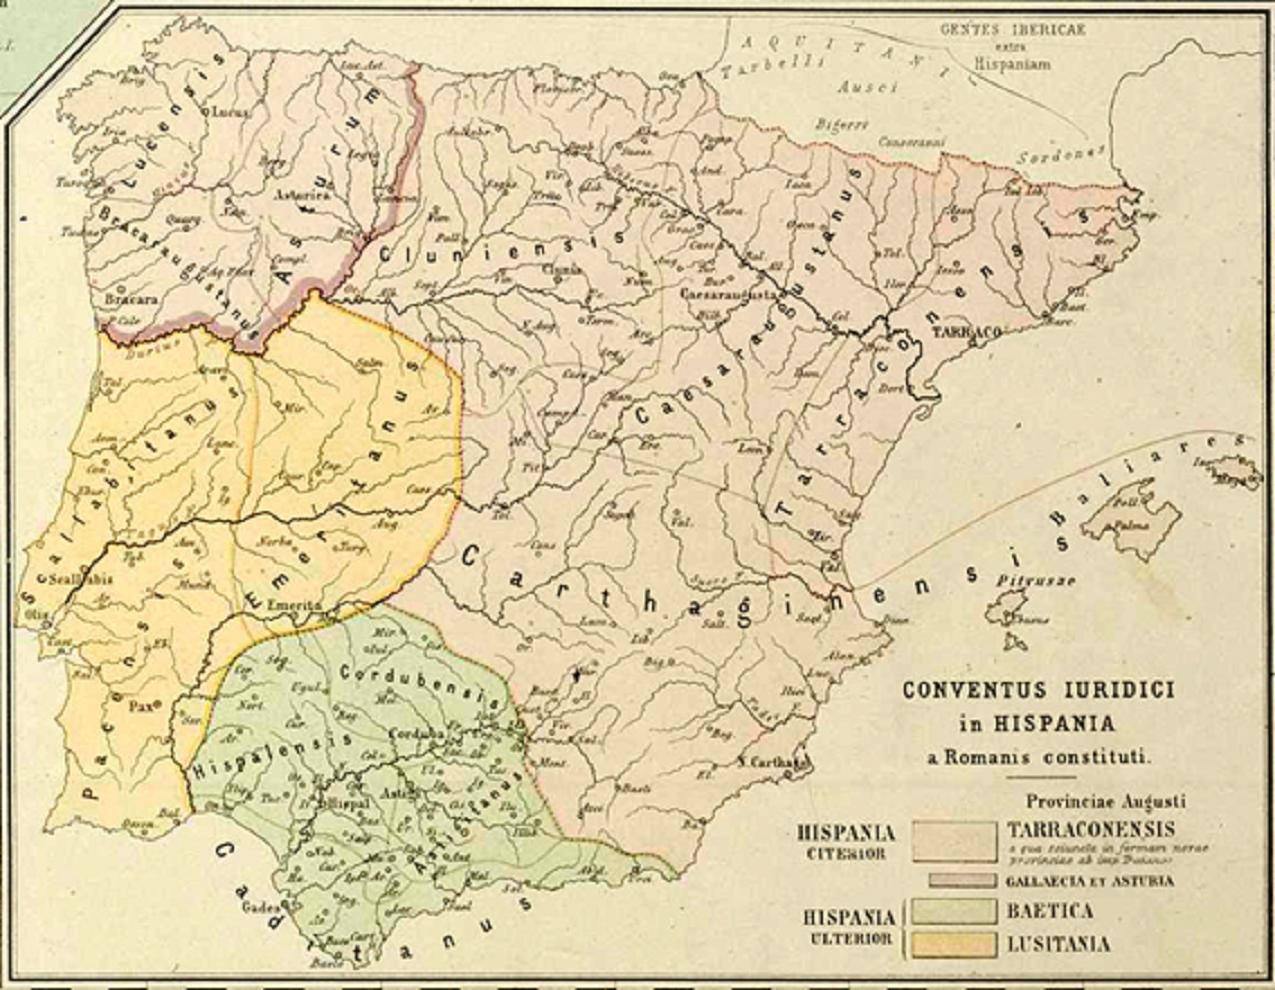 Mapa de les divisions conventuals romanes. Kiepert, 1893. Font Biblioteca Nacional de España